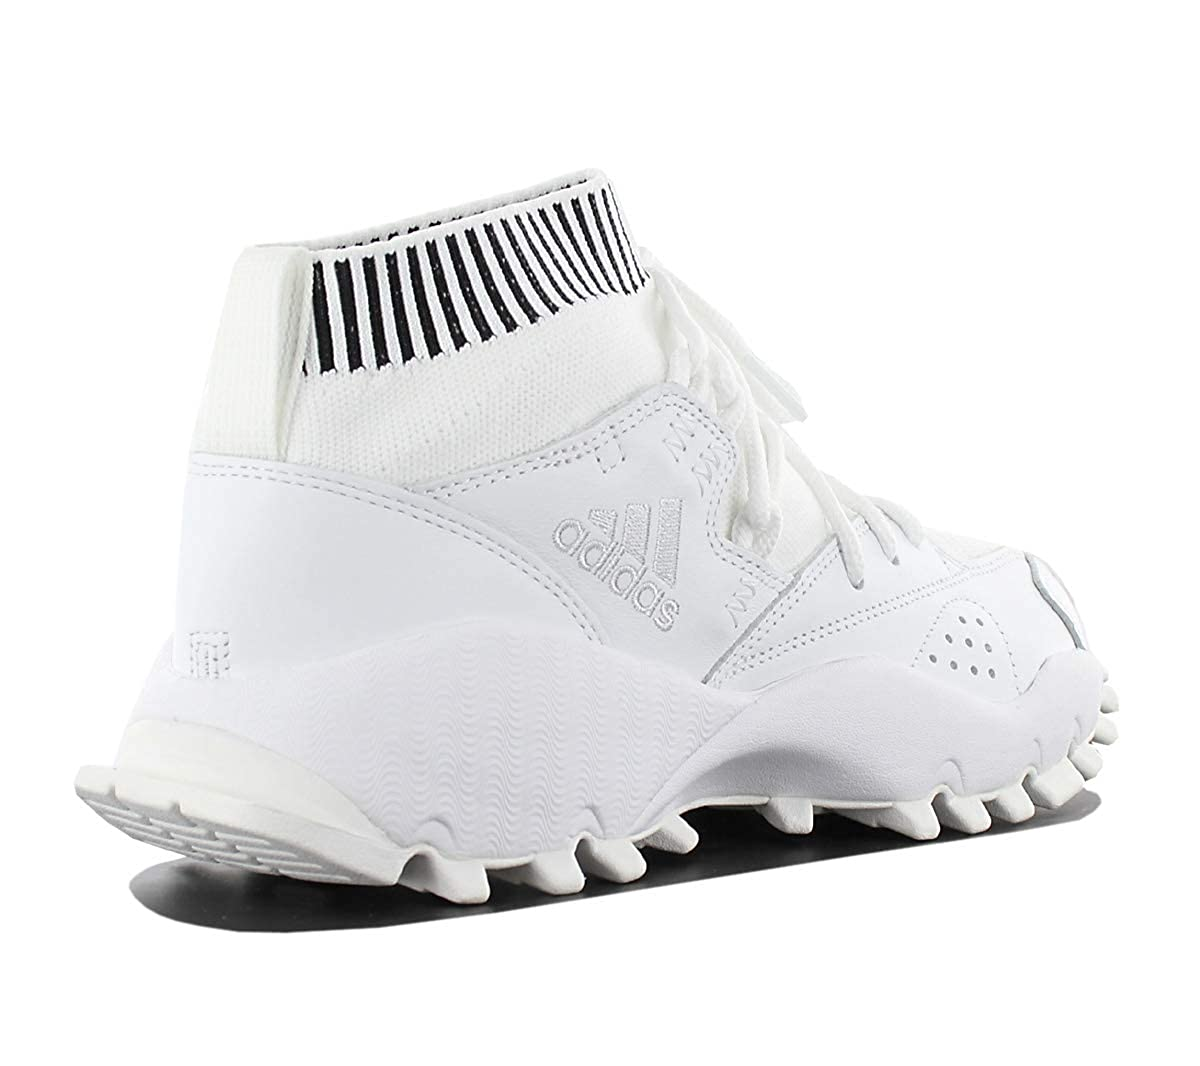 Details zu adidas Originals Seeulater Primeknit Winter Pack Herren Schuhe Größe 48,5